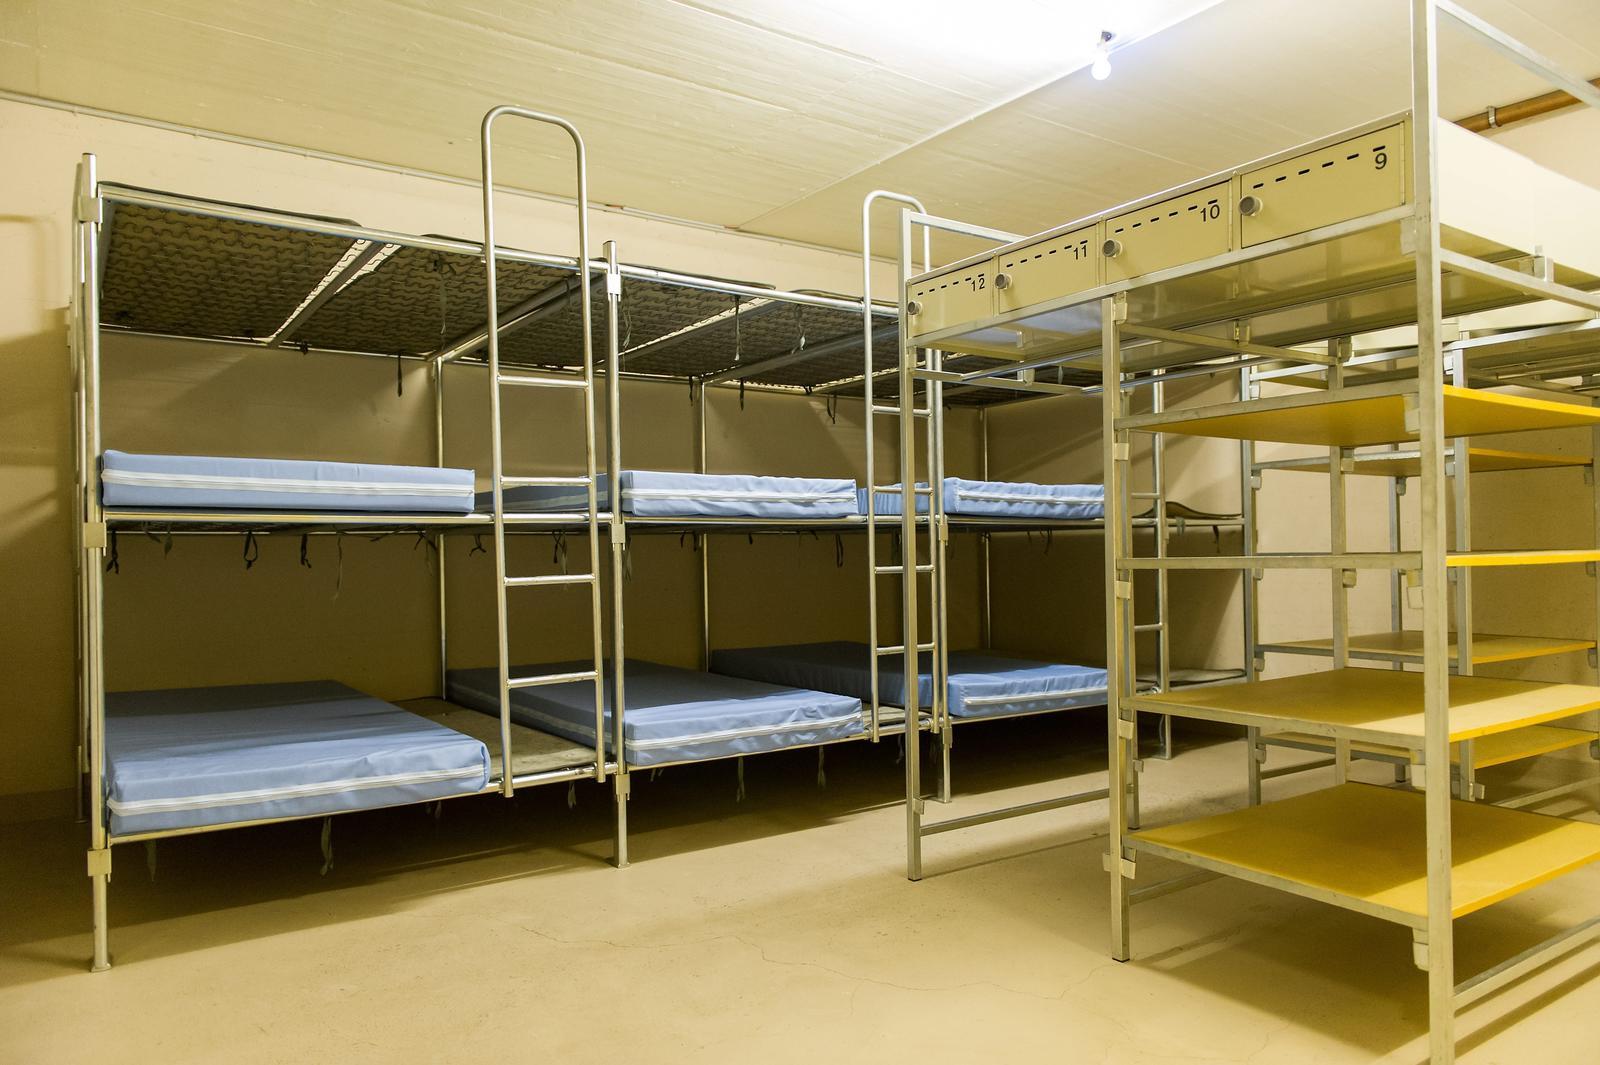 wie hoch sollte meine schlafm glichkeit sein. Black Bedroom Furniture Sets. Home Design Ideas